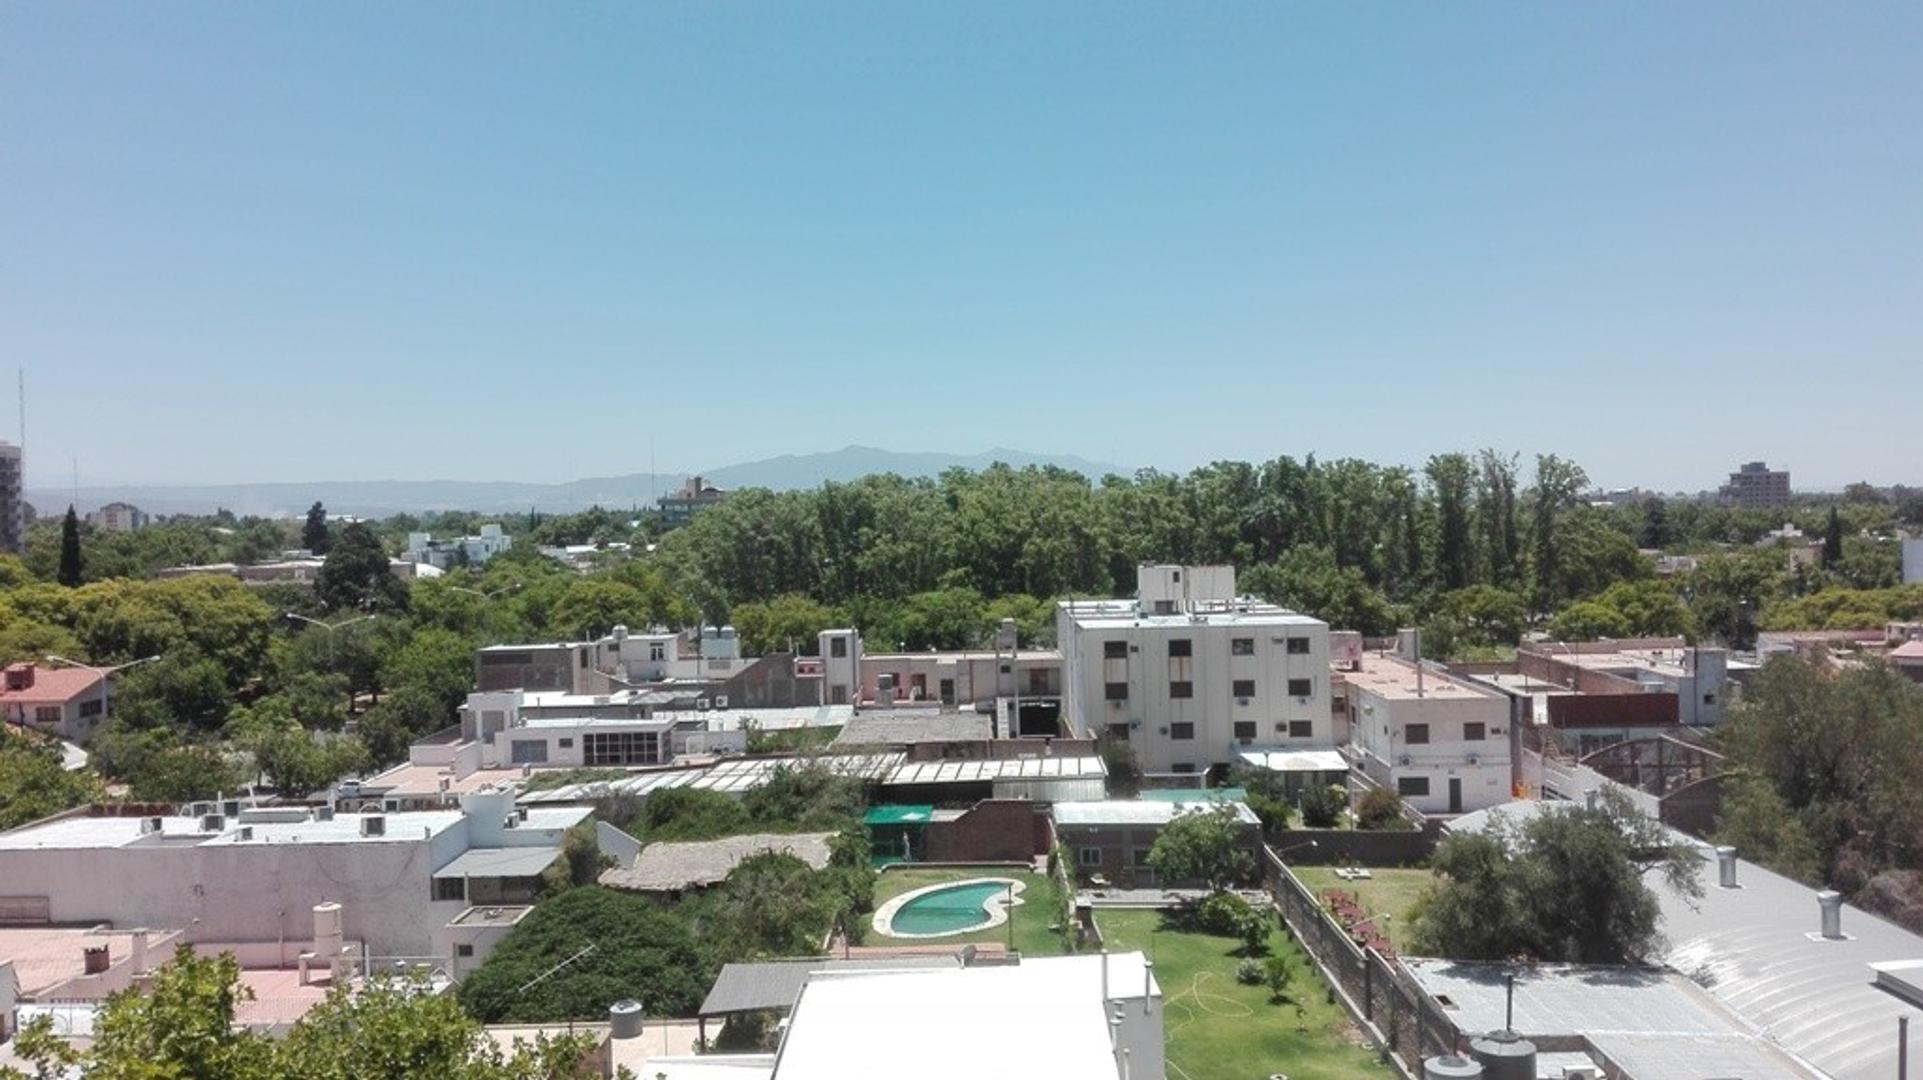 San Juan Capital Vendo Departamento de 3 dormitorios a 3 cuadras de Plaza 25 de Mayo